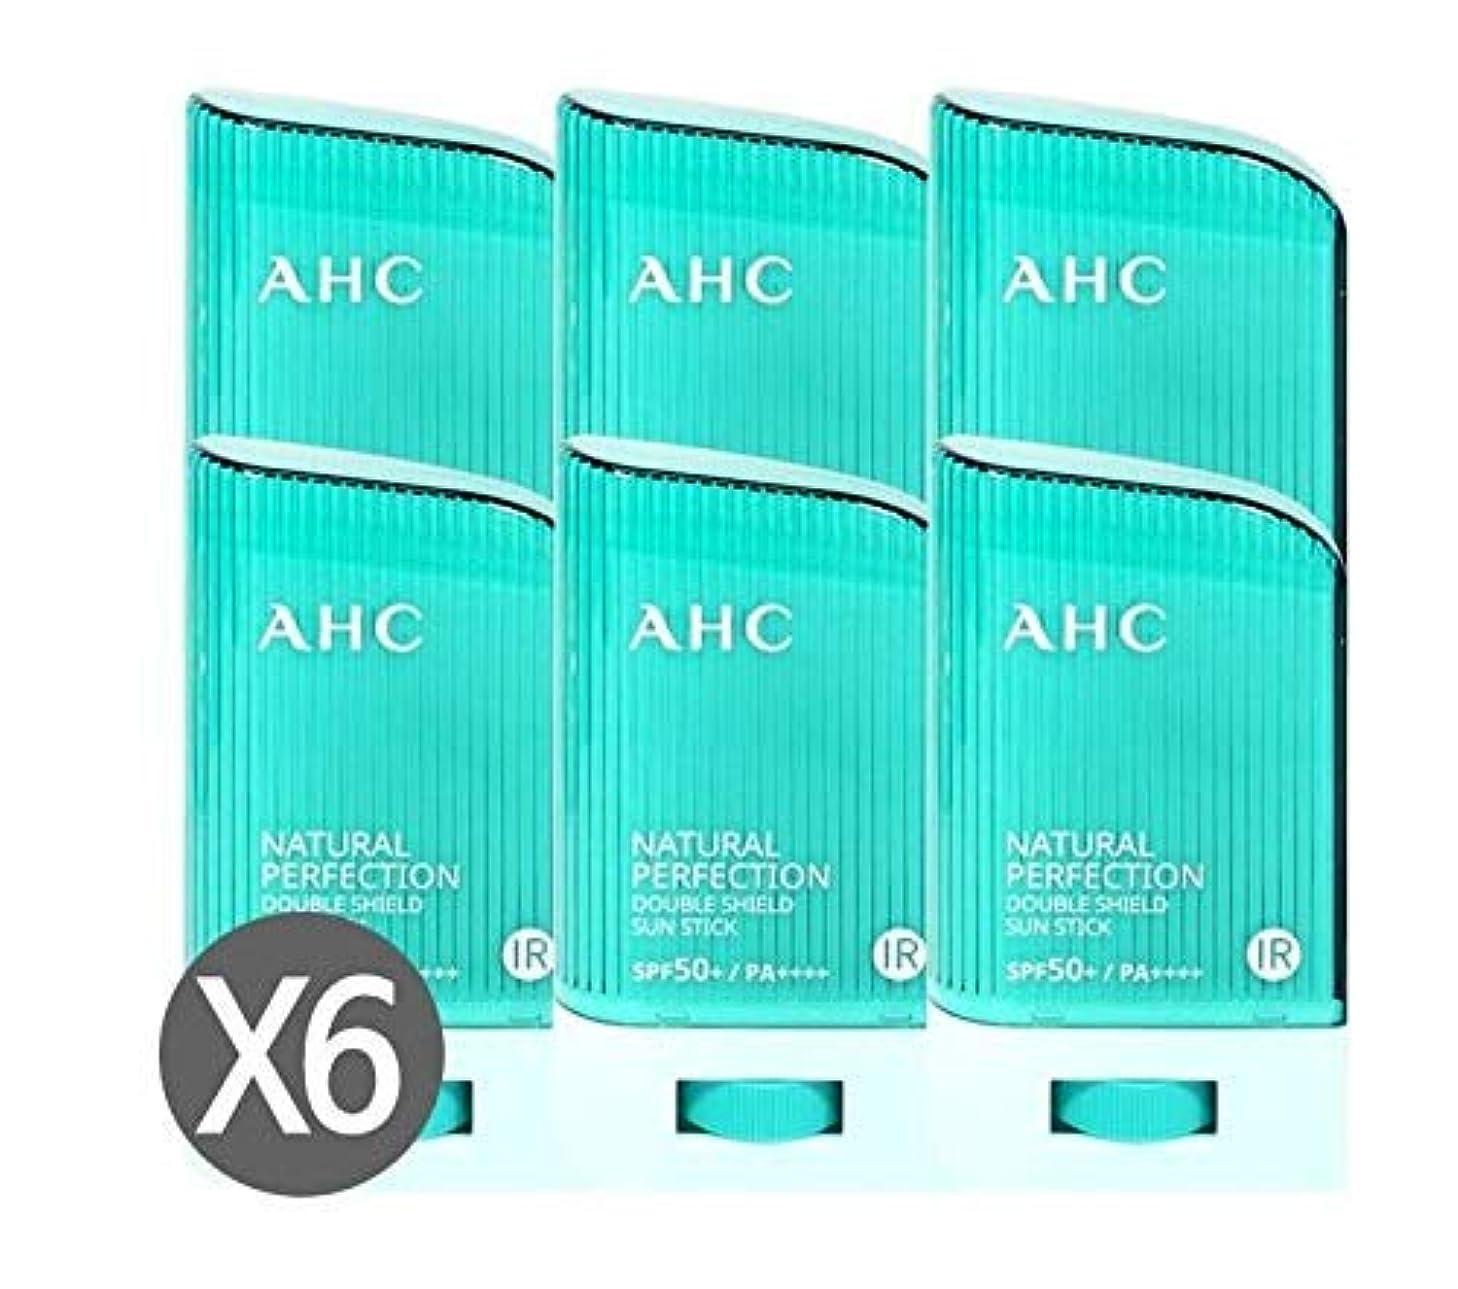 同性愛者試してみる慣れている[ 6個セット ] AHC ナチュラルパーフェクションダブルシールドサンスティック 22g, Natural Perfection Double Shield Sun Stick SPF50+ PA++++